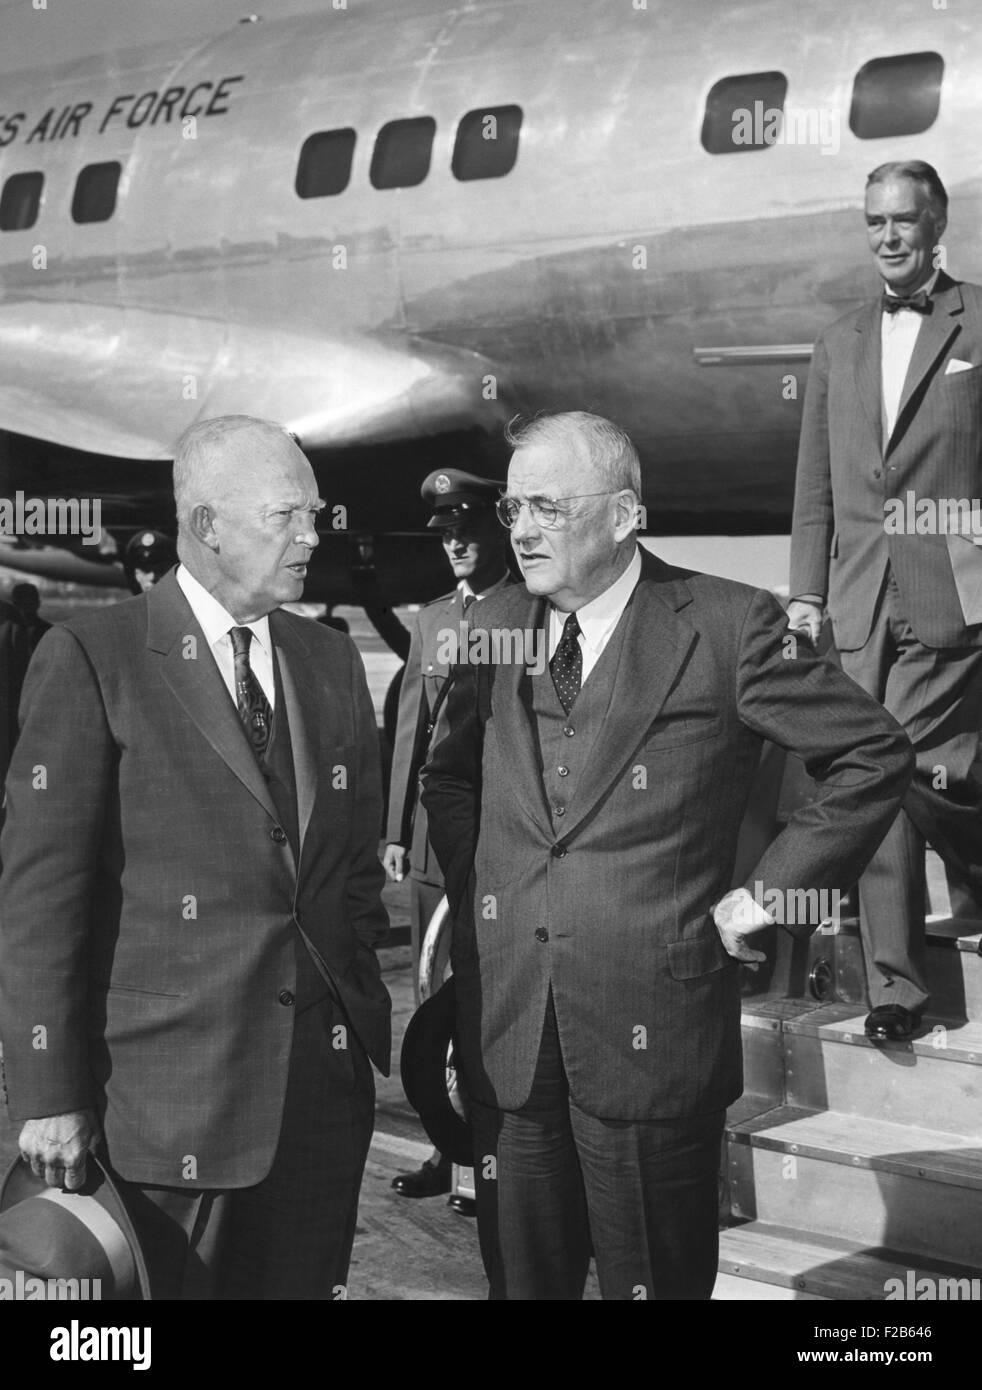 Le président Eisenhower a été rencontré par Sec. d'État John Foster Dulles à l'Aéroport Photo Stock